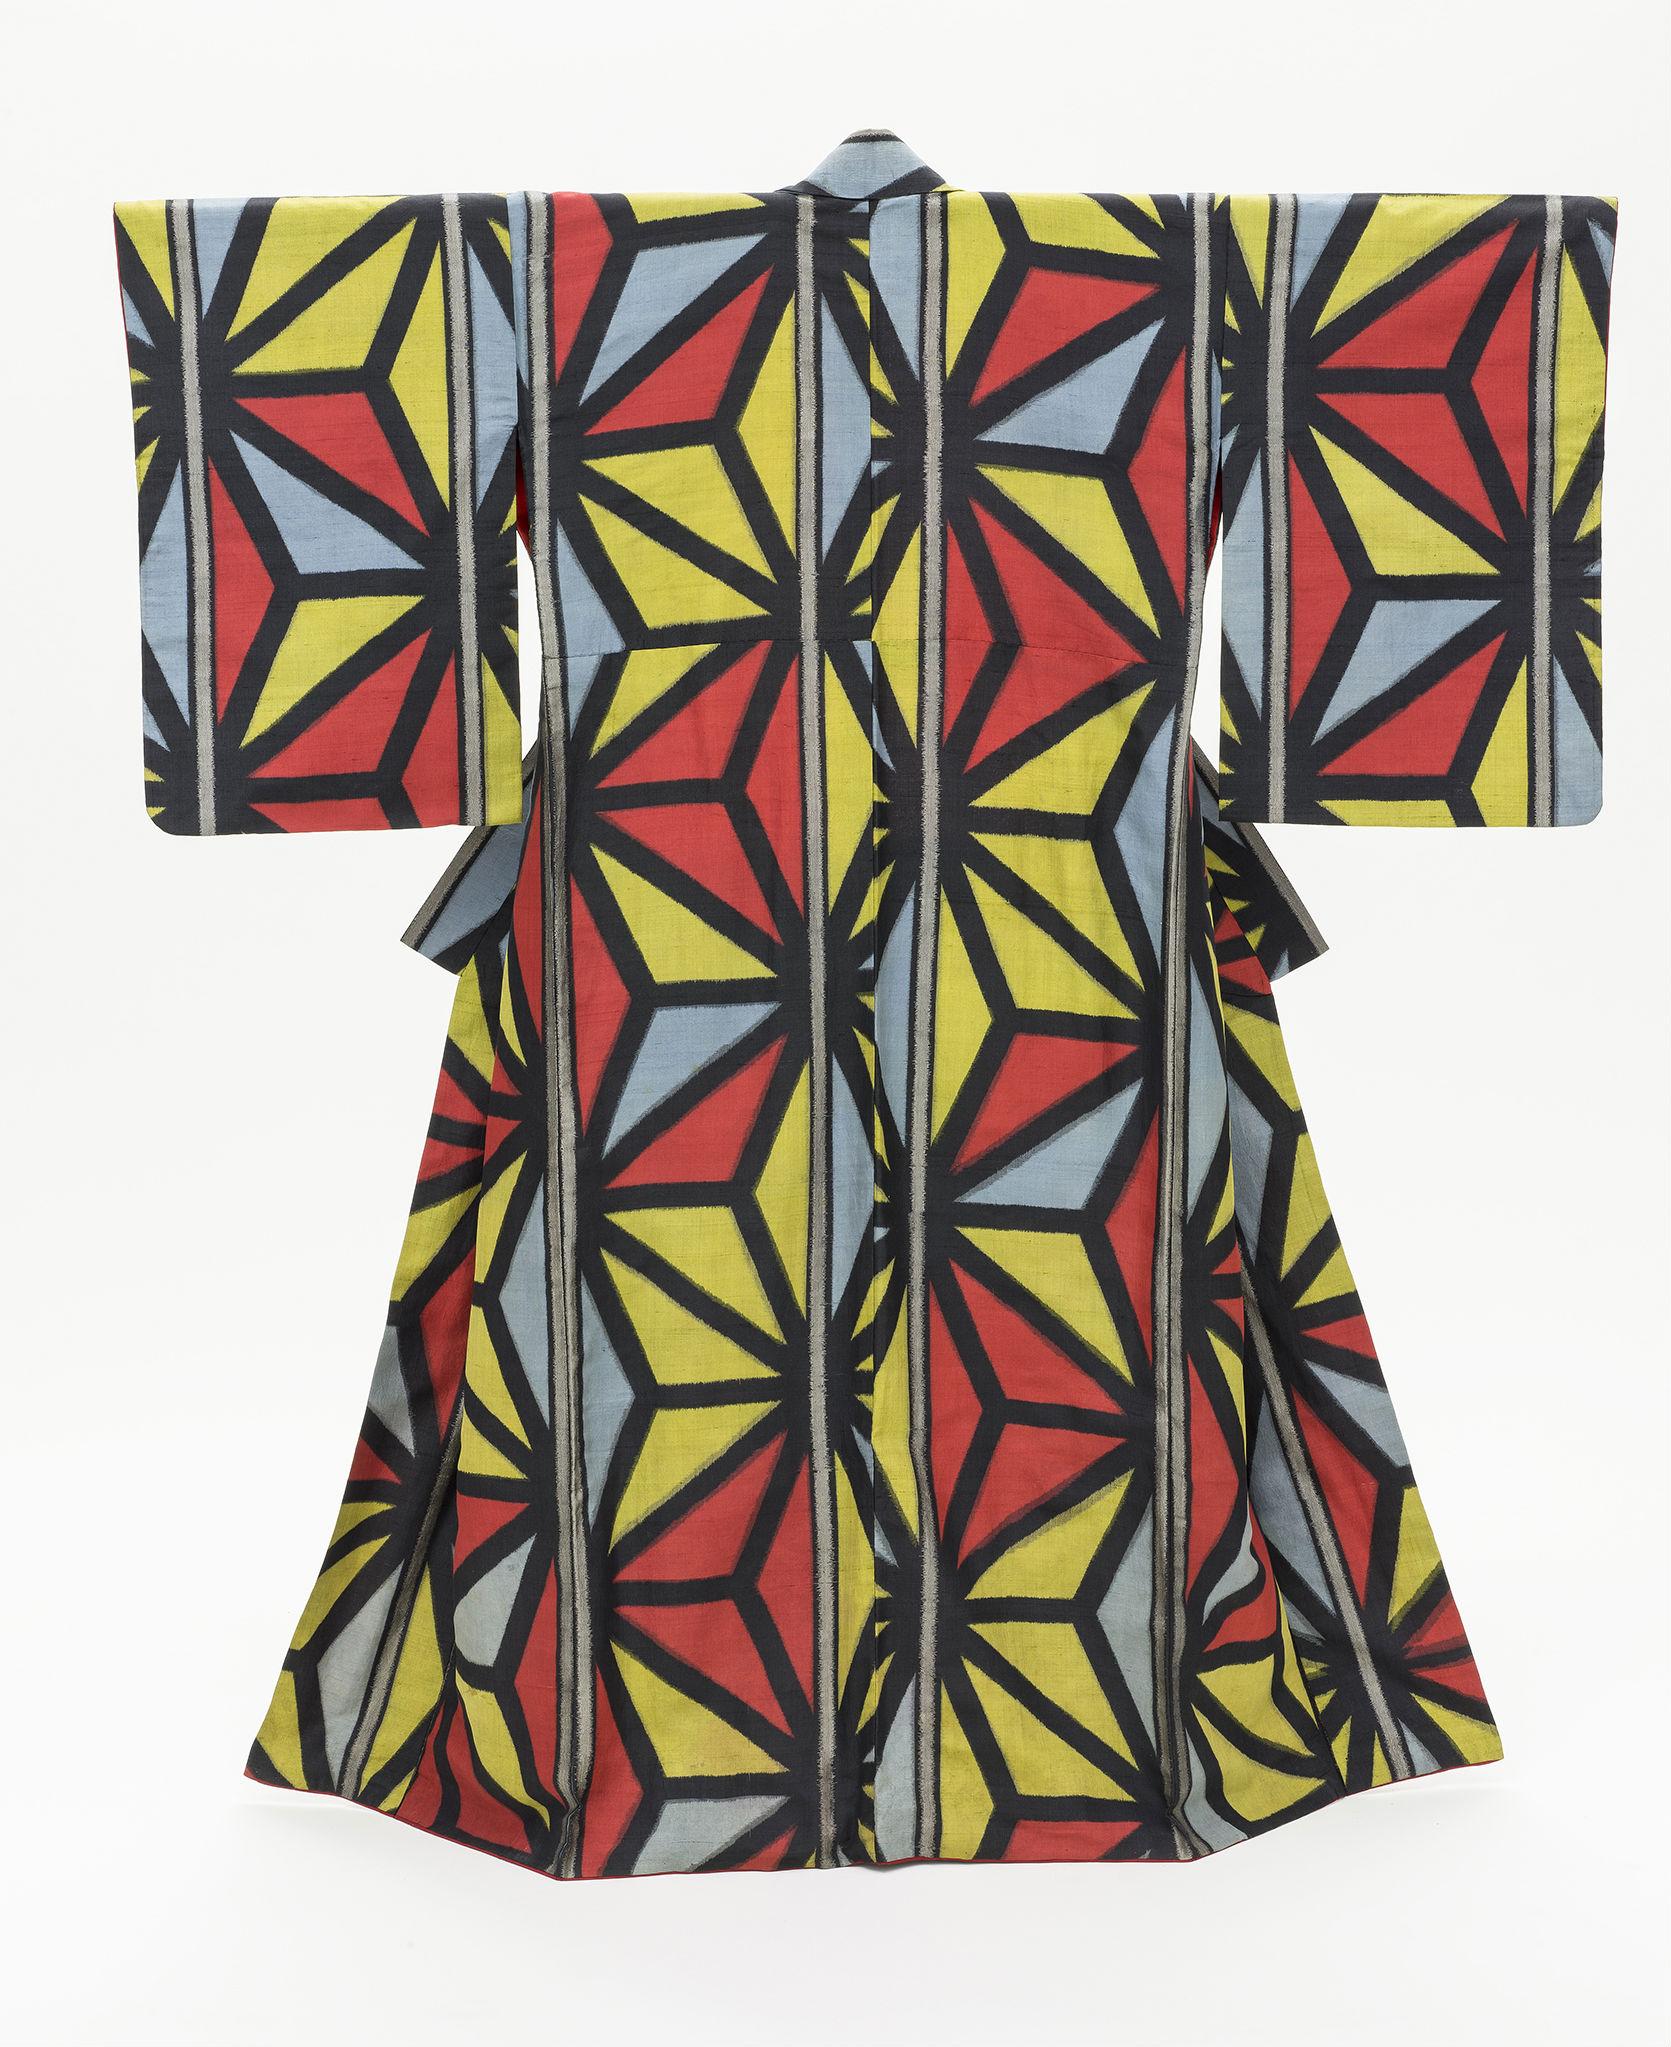 2014-07-03-kimono7.jpg